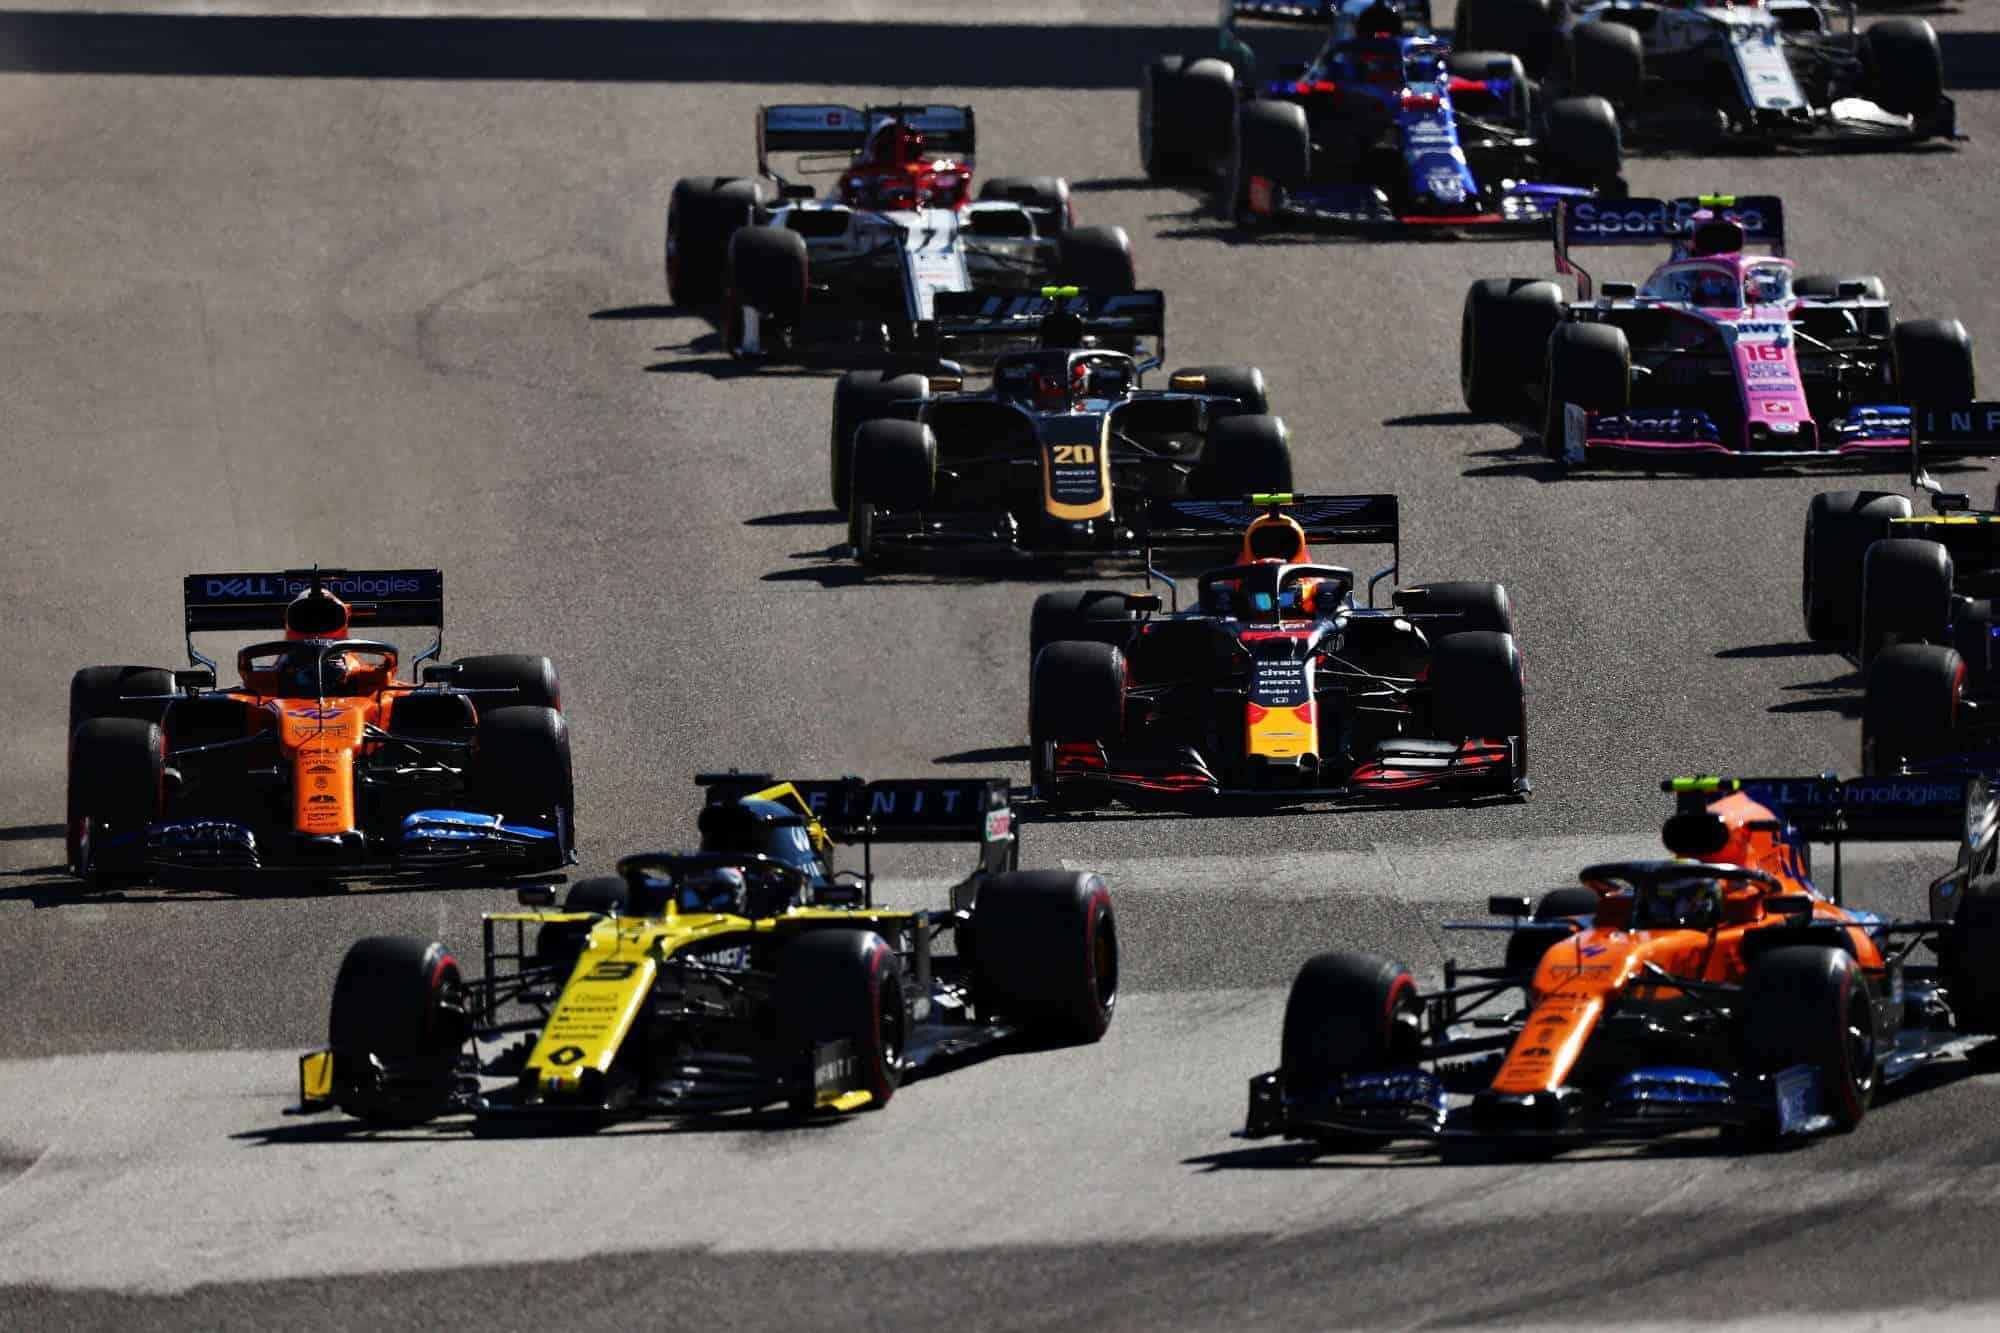 USA GP F1 2019 start Sainz Albon 1st corner Photo Red Bull